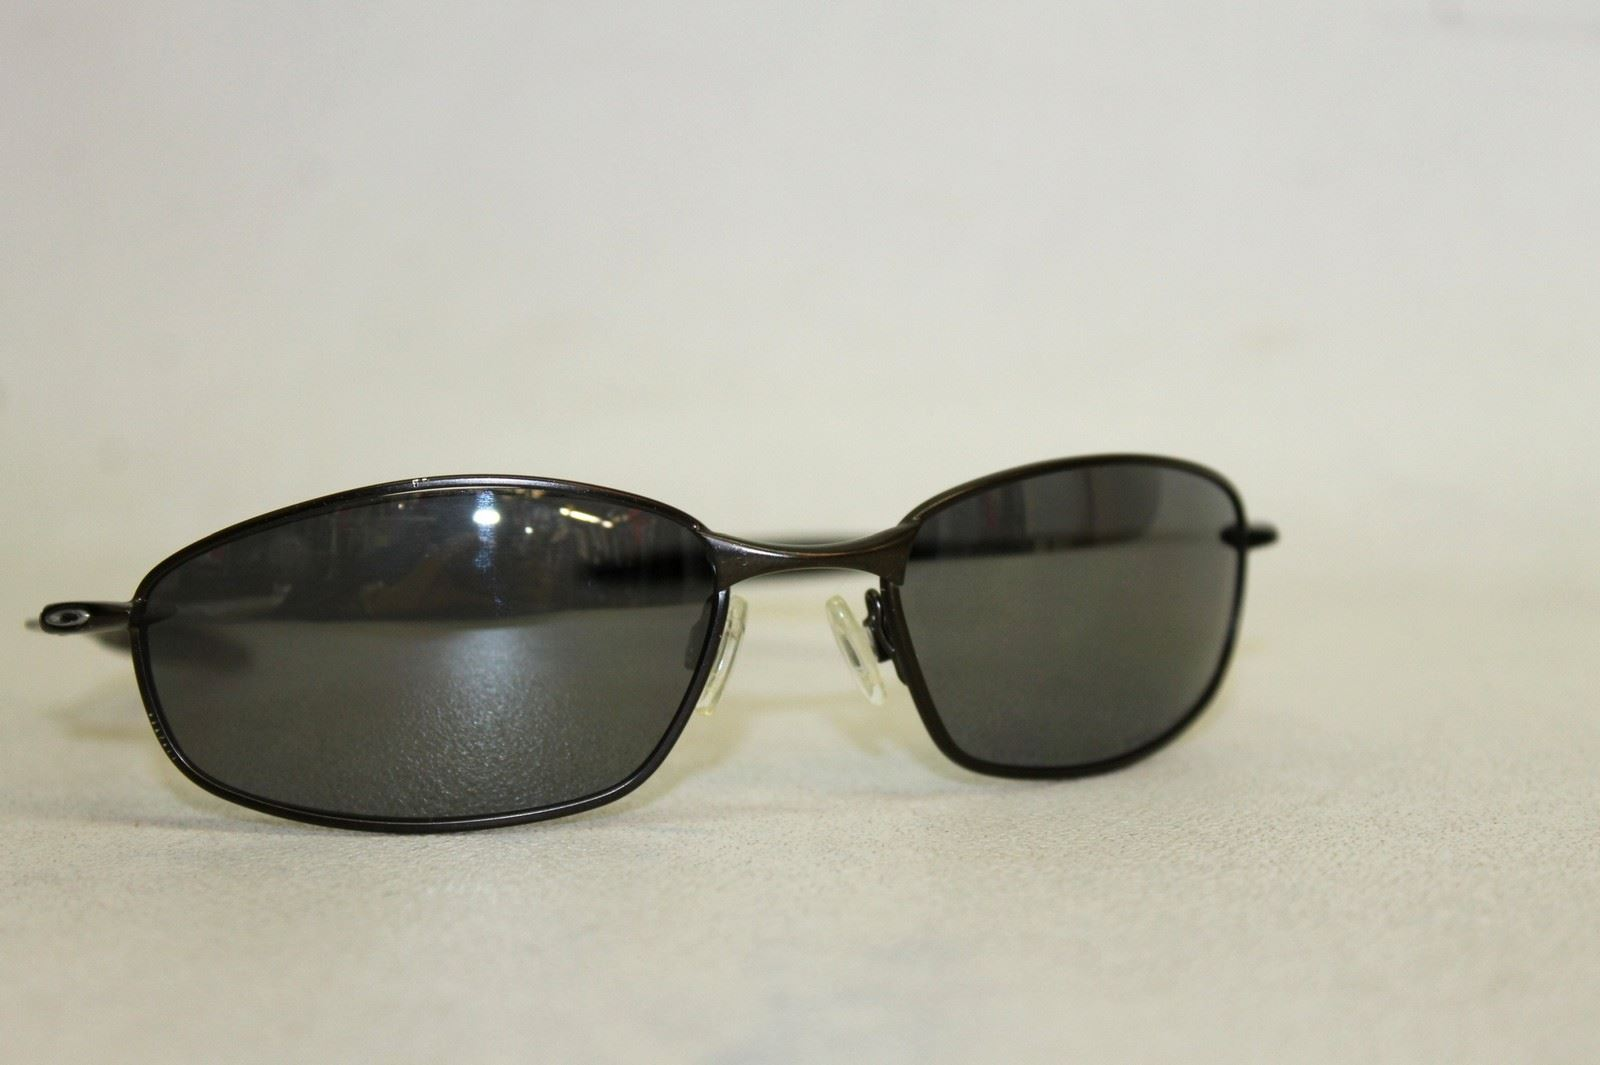 85df6fc19e3 Oakley Whisker Silver Black « Heritage Malta